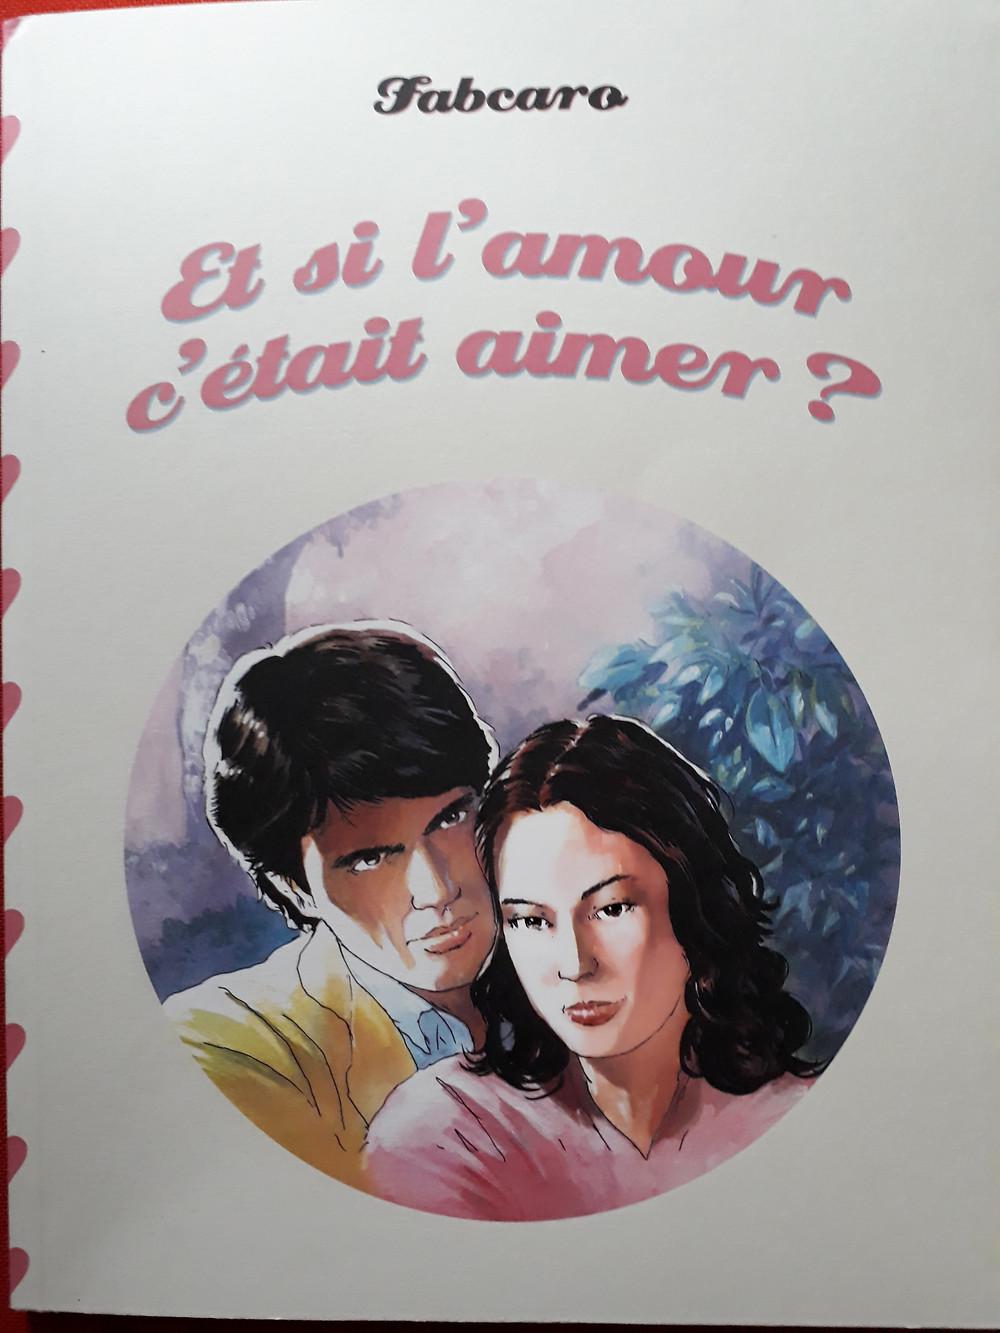 couverture de l'album de Fabcaro: Et si l'amour c'était aimer?